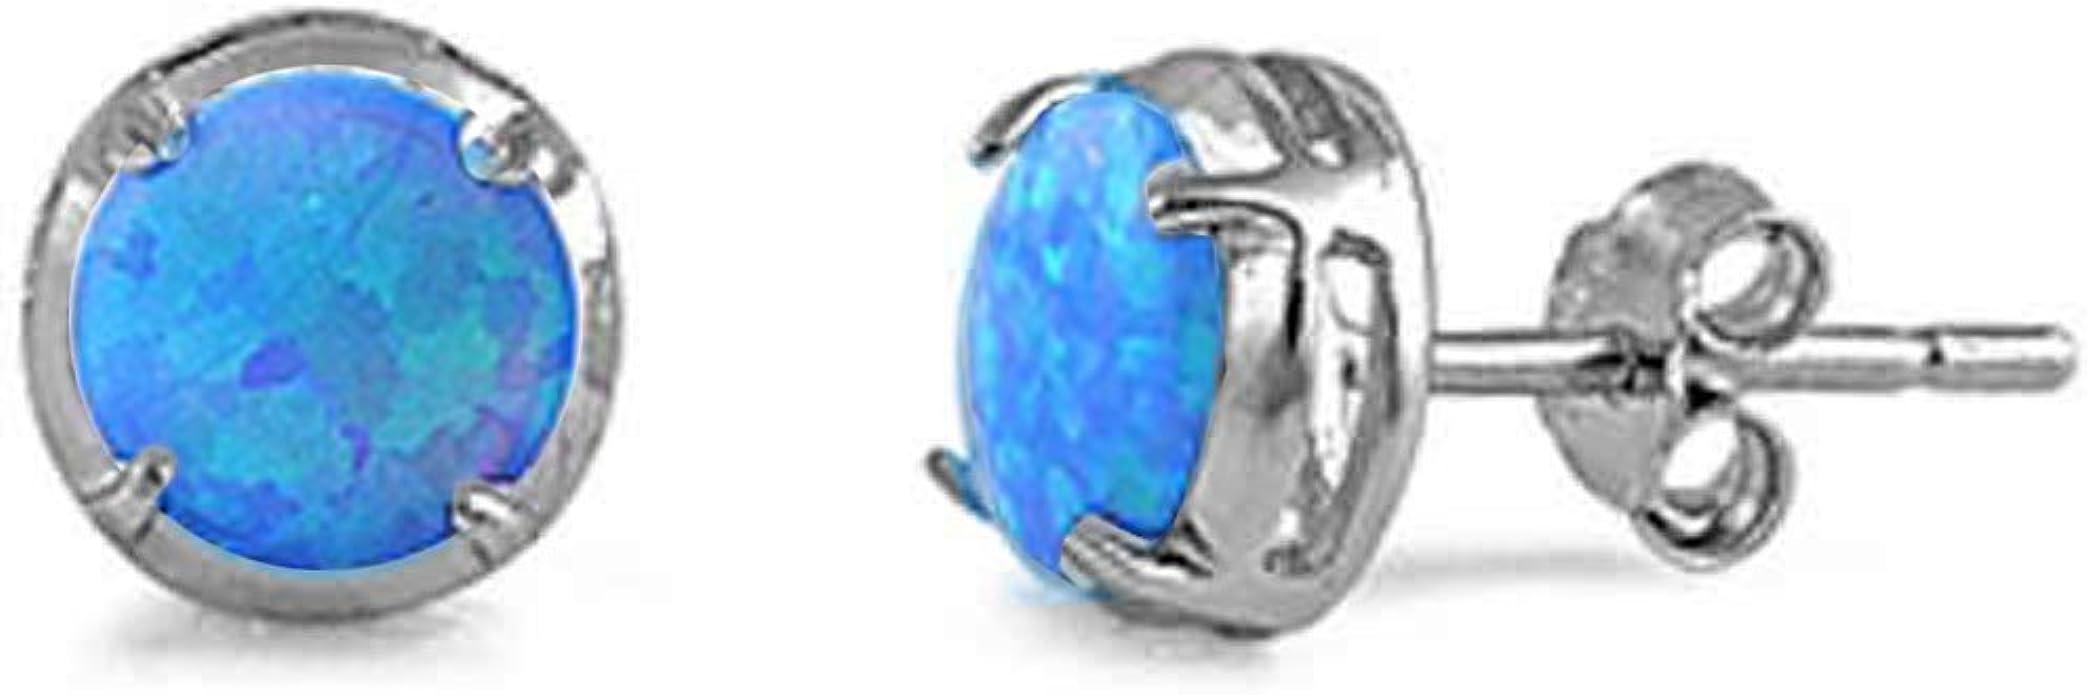 #667 LAB BLUE FIRE OPAL ANTIQUE ART DECO DESIGN 925 STERLING SILVER EARRINGS